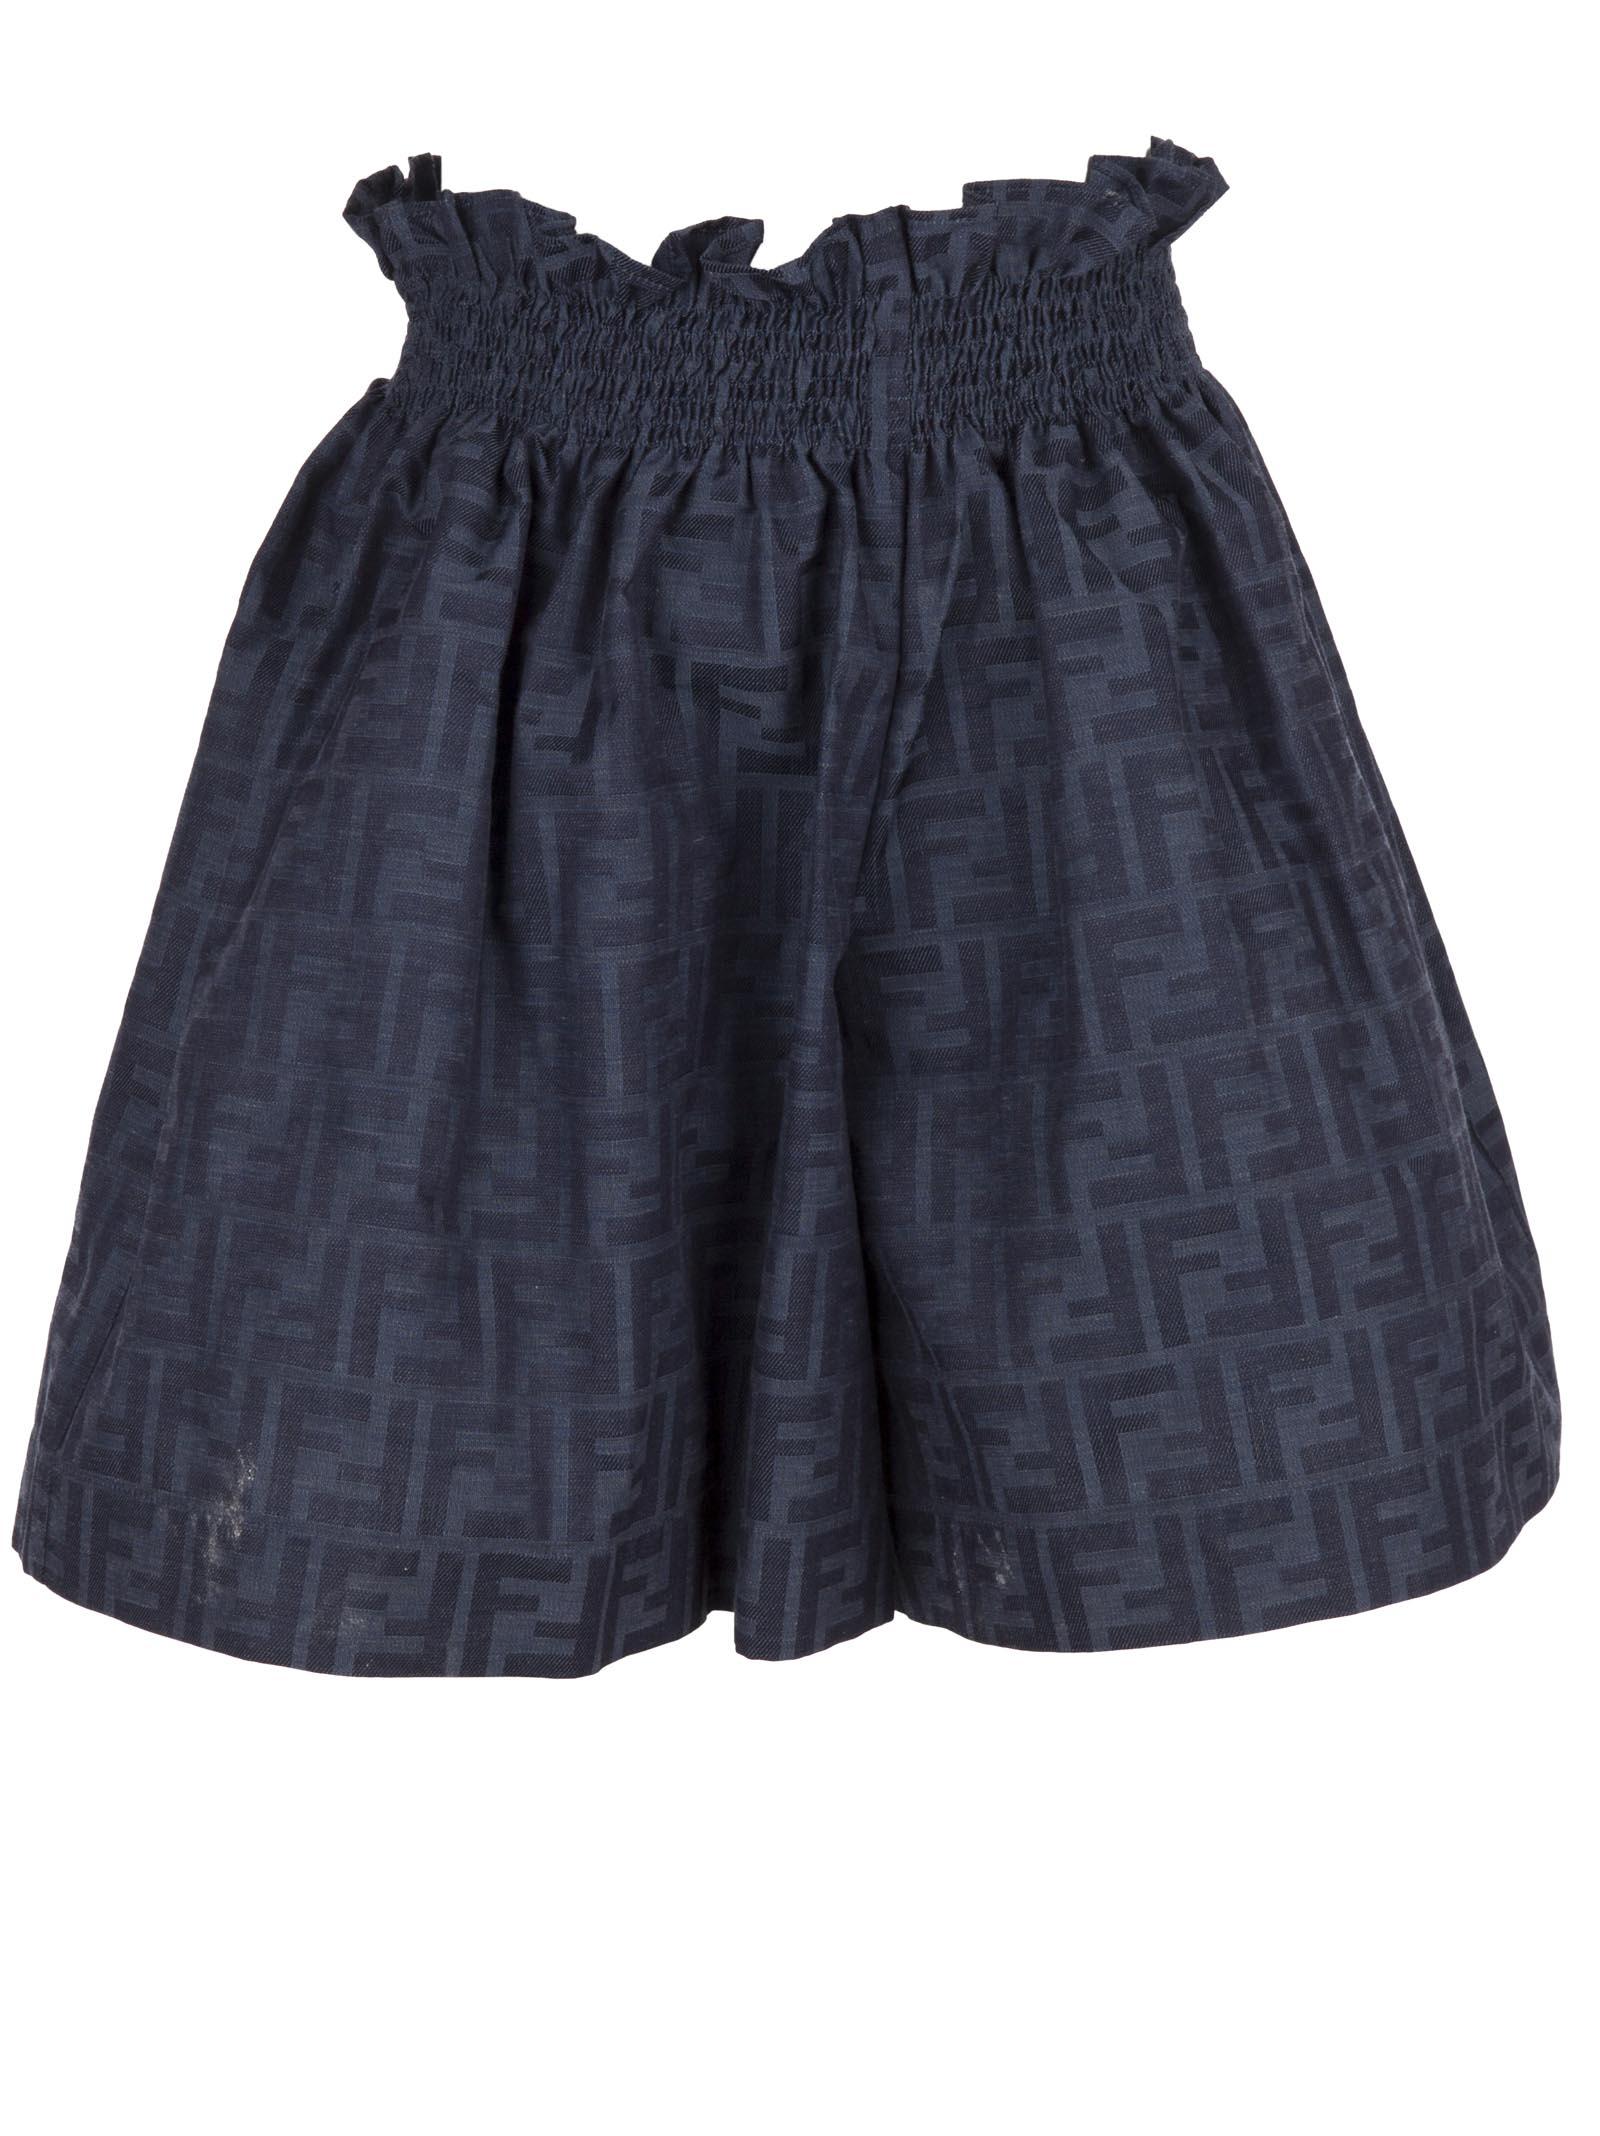 0c731a9c3992 Michele Franzese Moda. 0. Fendi Kids shorts Fendi Kids